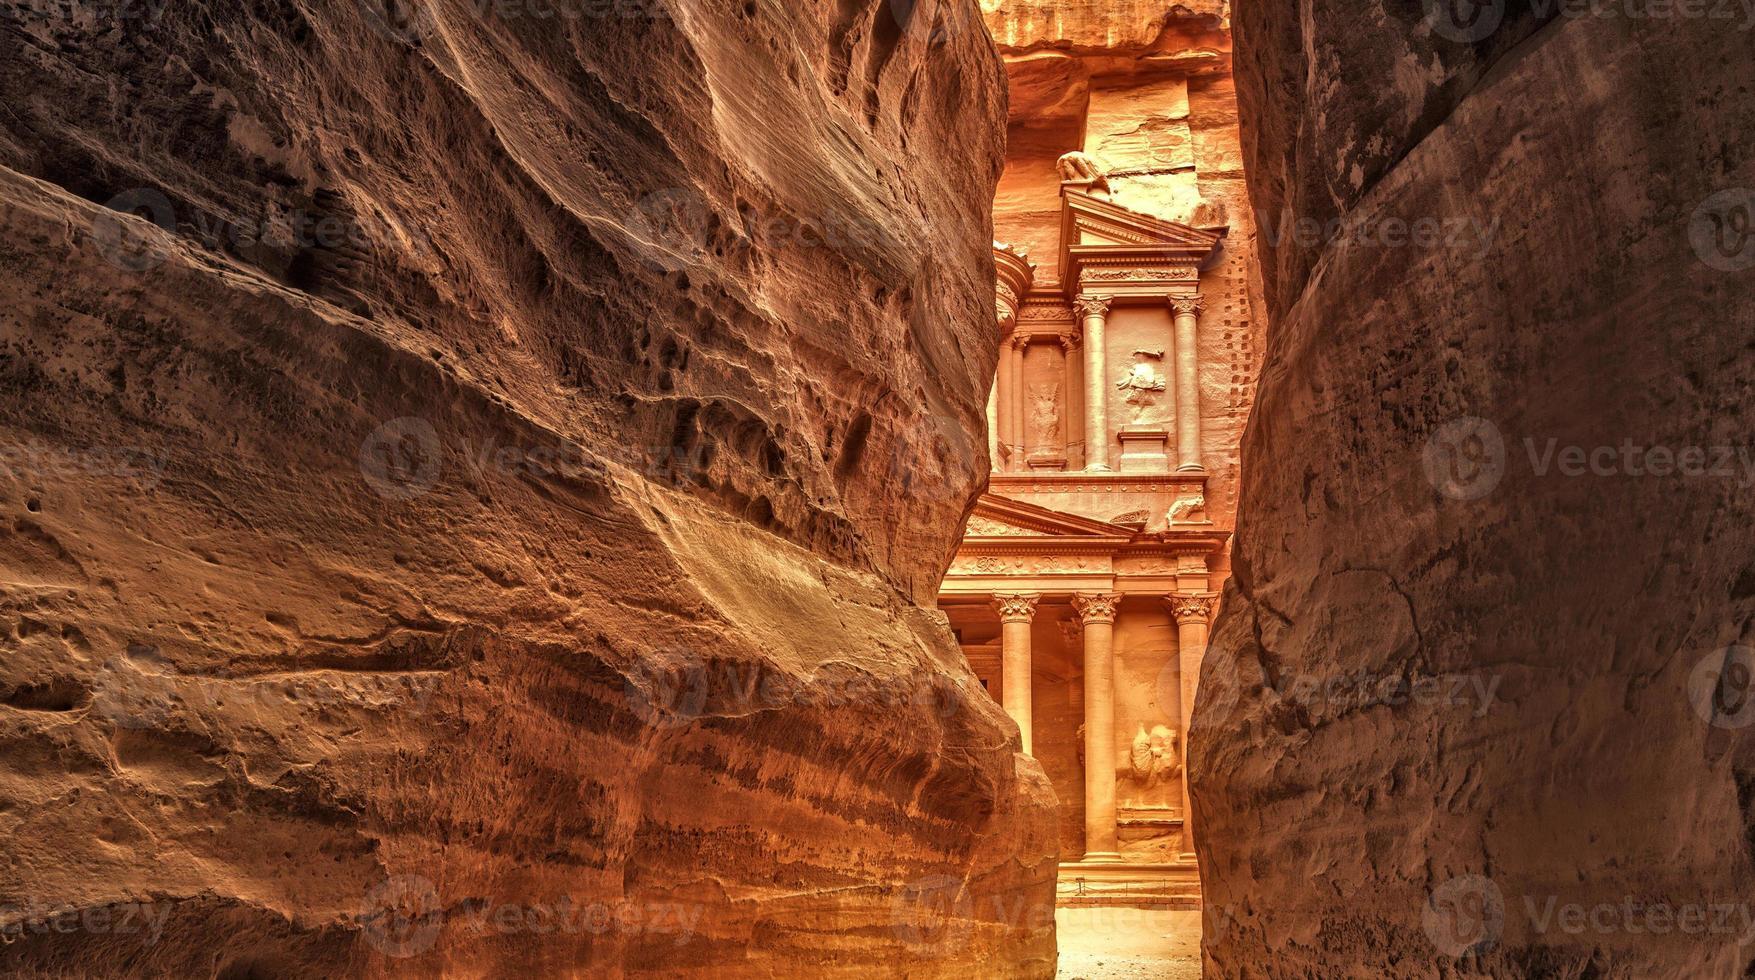 siq nell'antica città di petra, in giordania foto